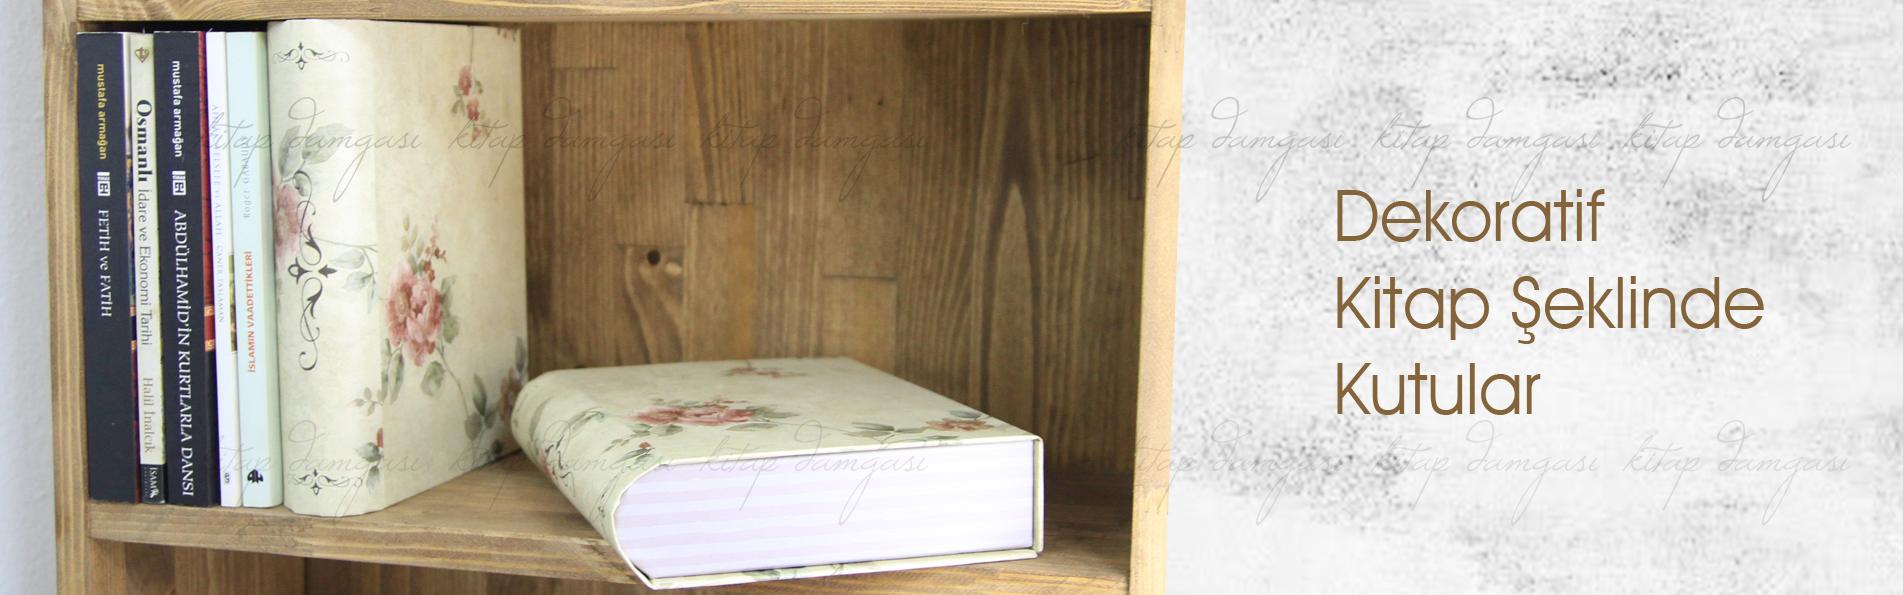 kitap şeklinde dekoratif kutu